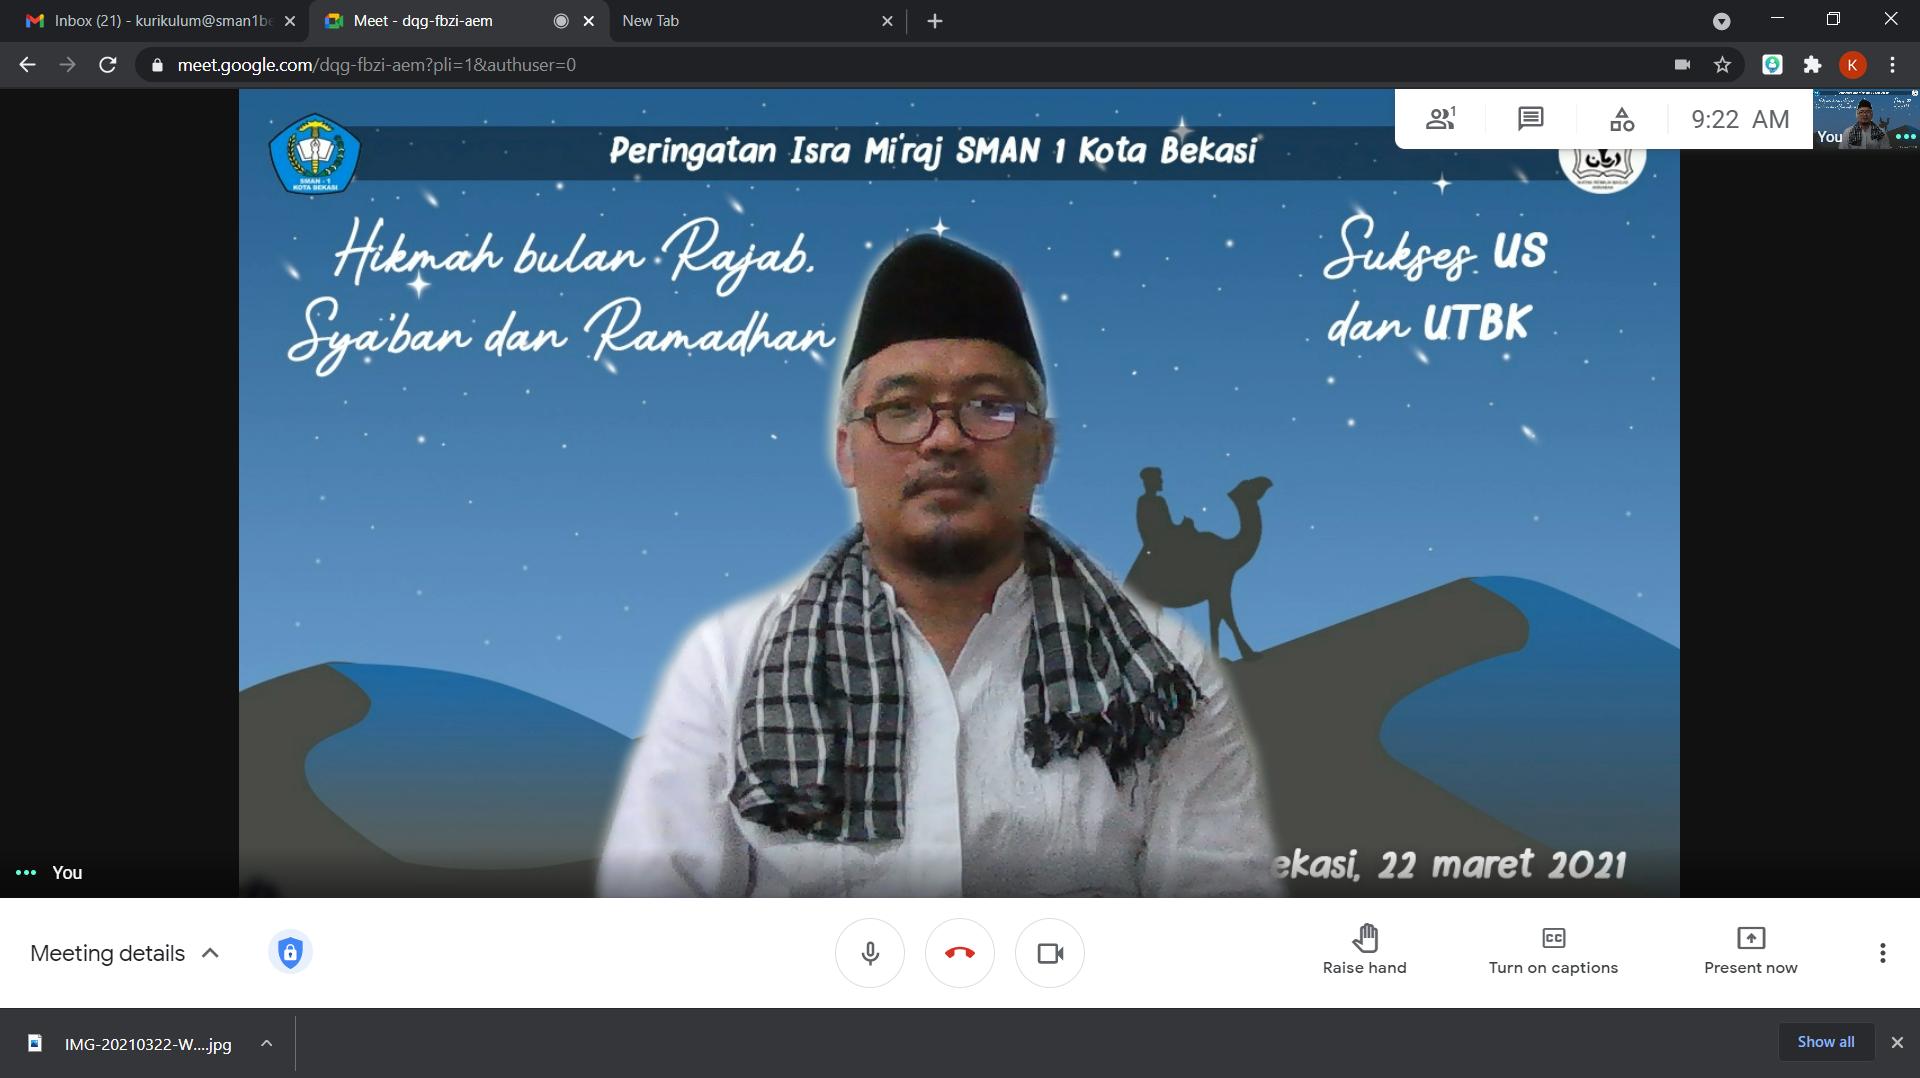 Peringatan Hari Besar Agama Islam